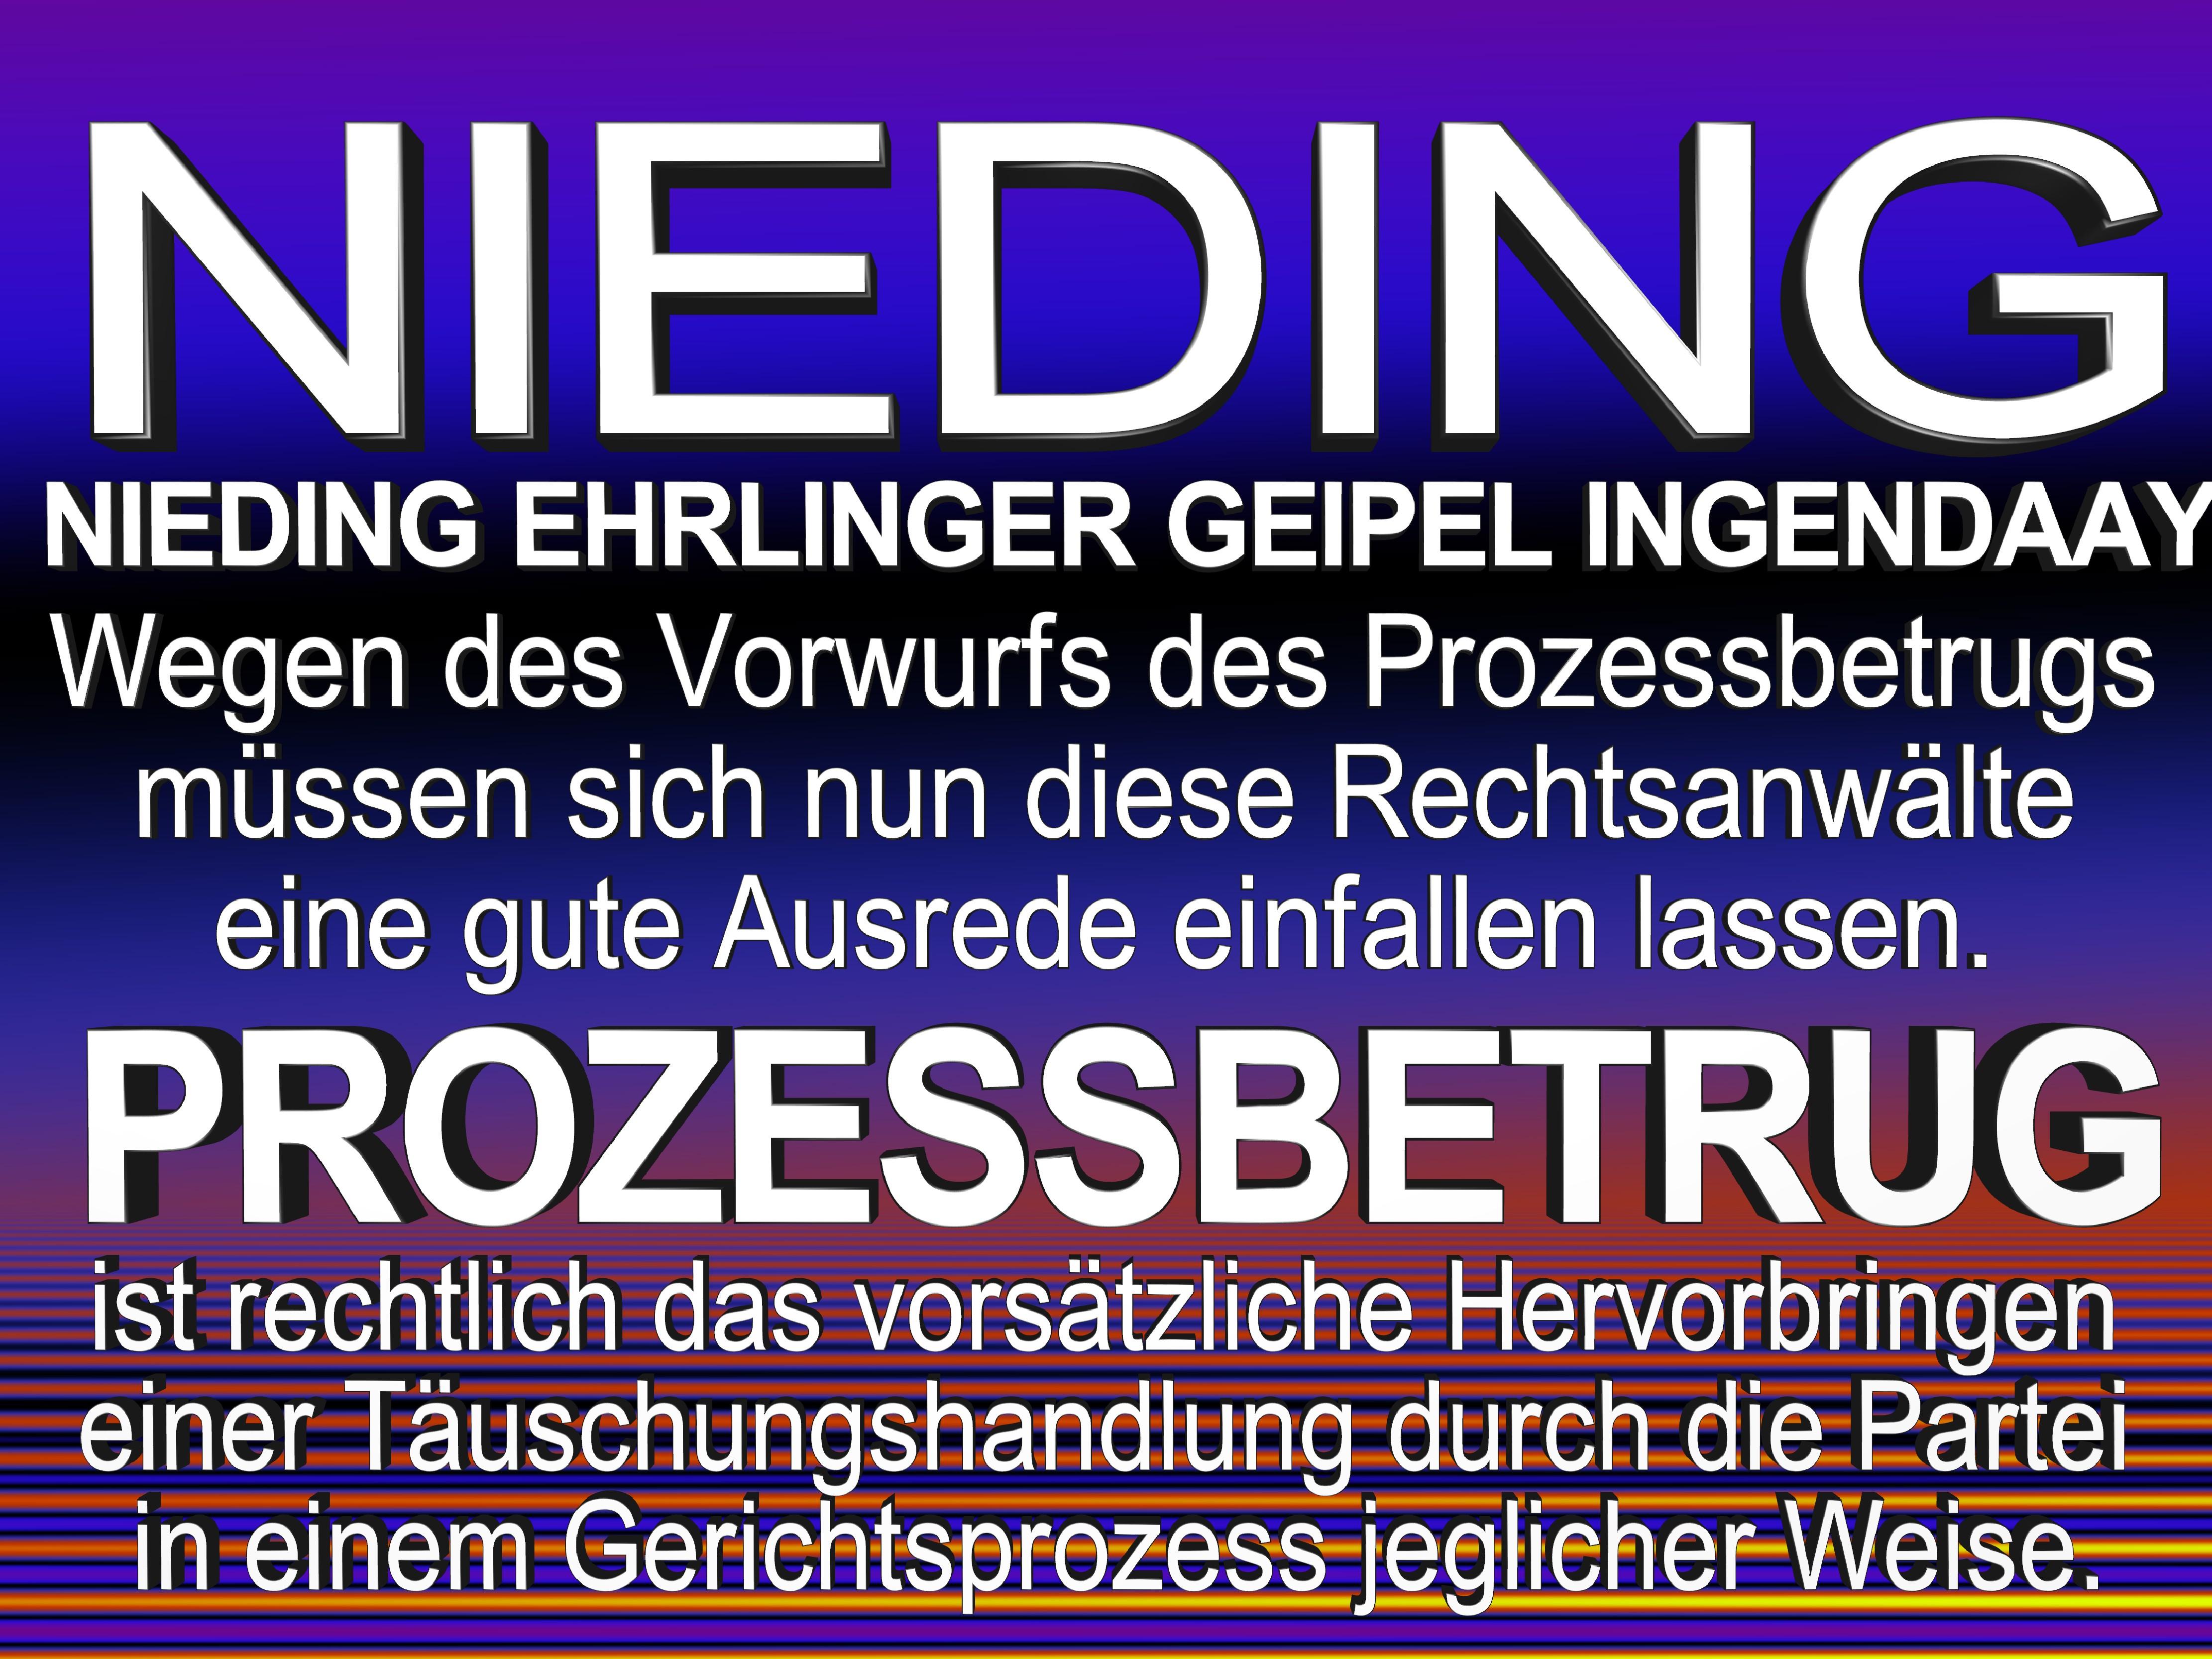 NIEDING EHRLINGER GEIPEL INGENDAAY LELKE Kurfürstendamm 66 Berlin (16)